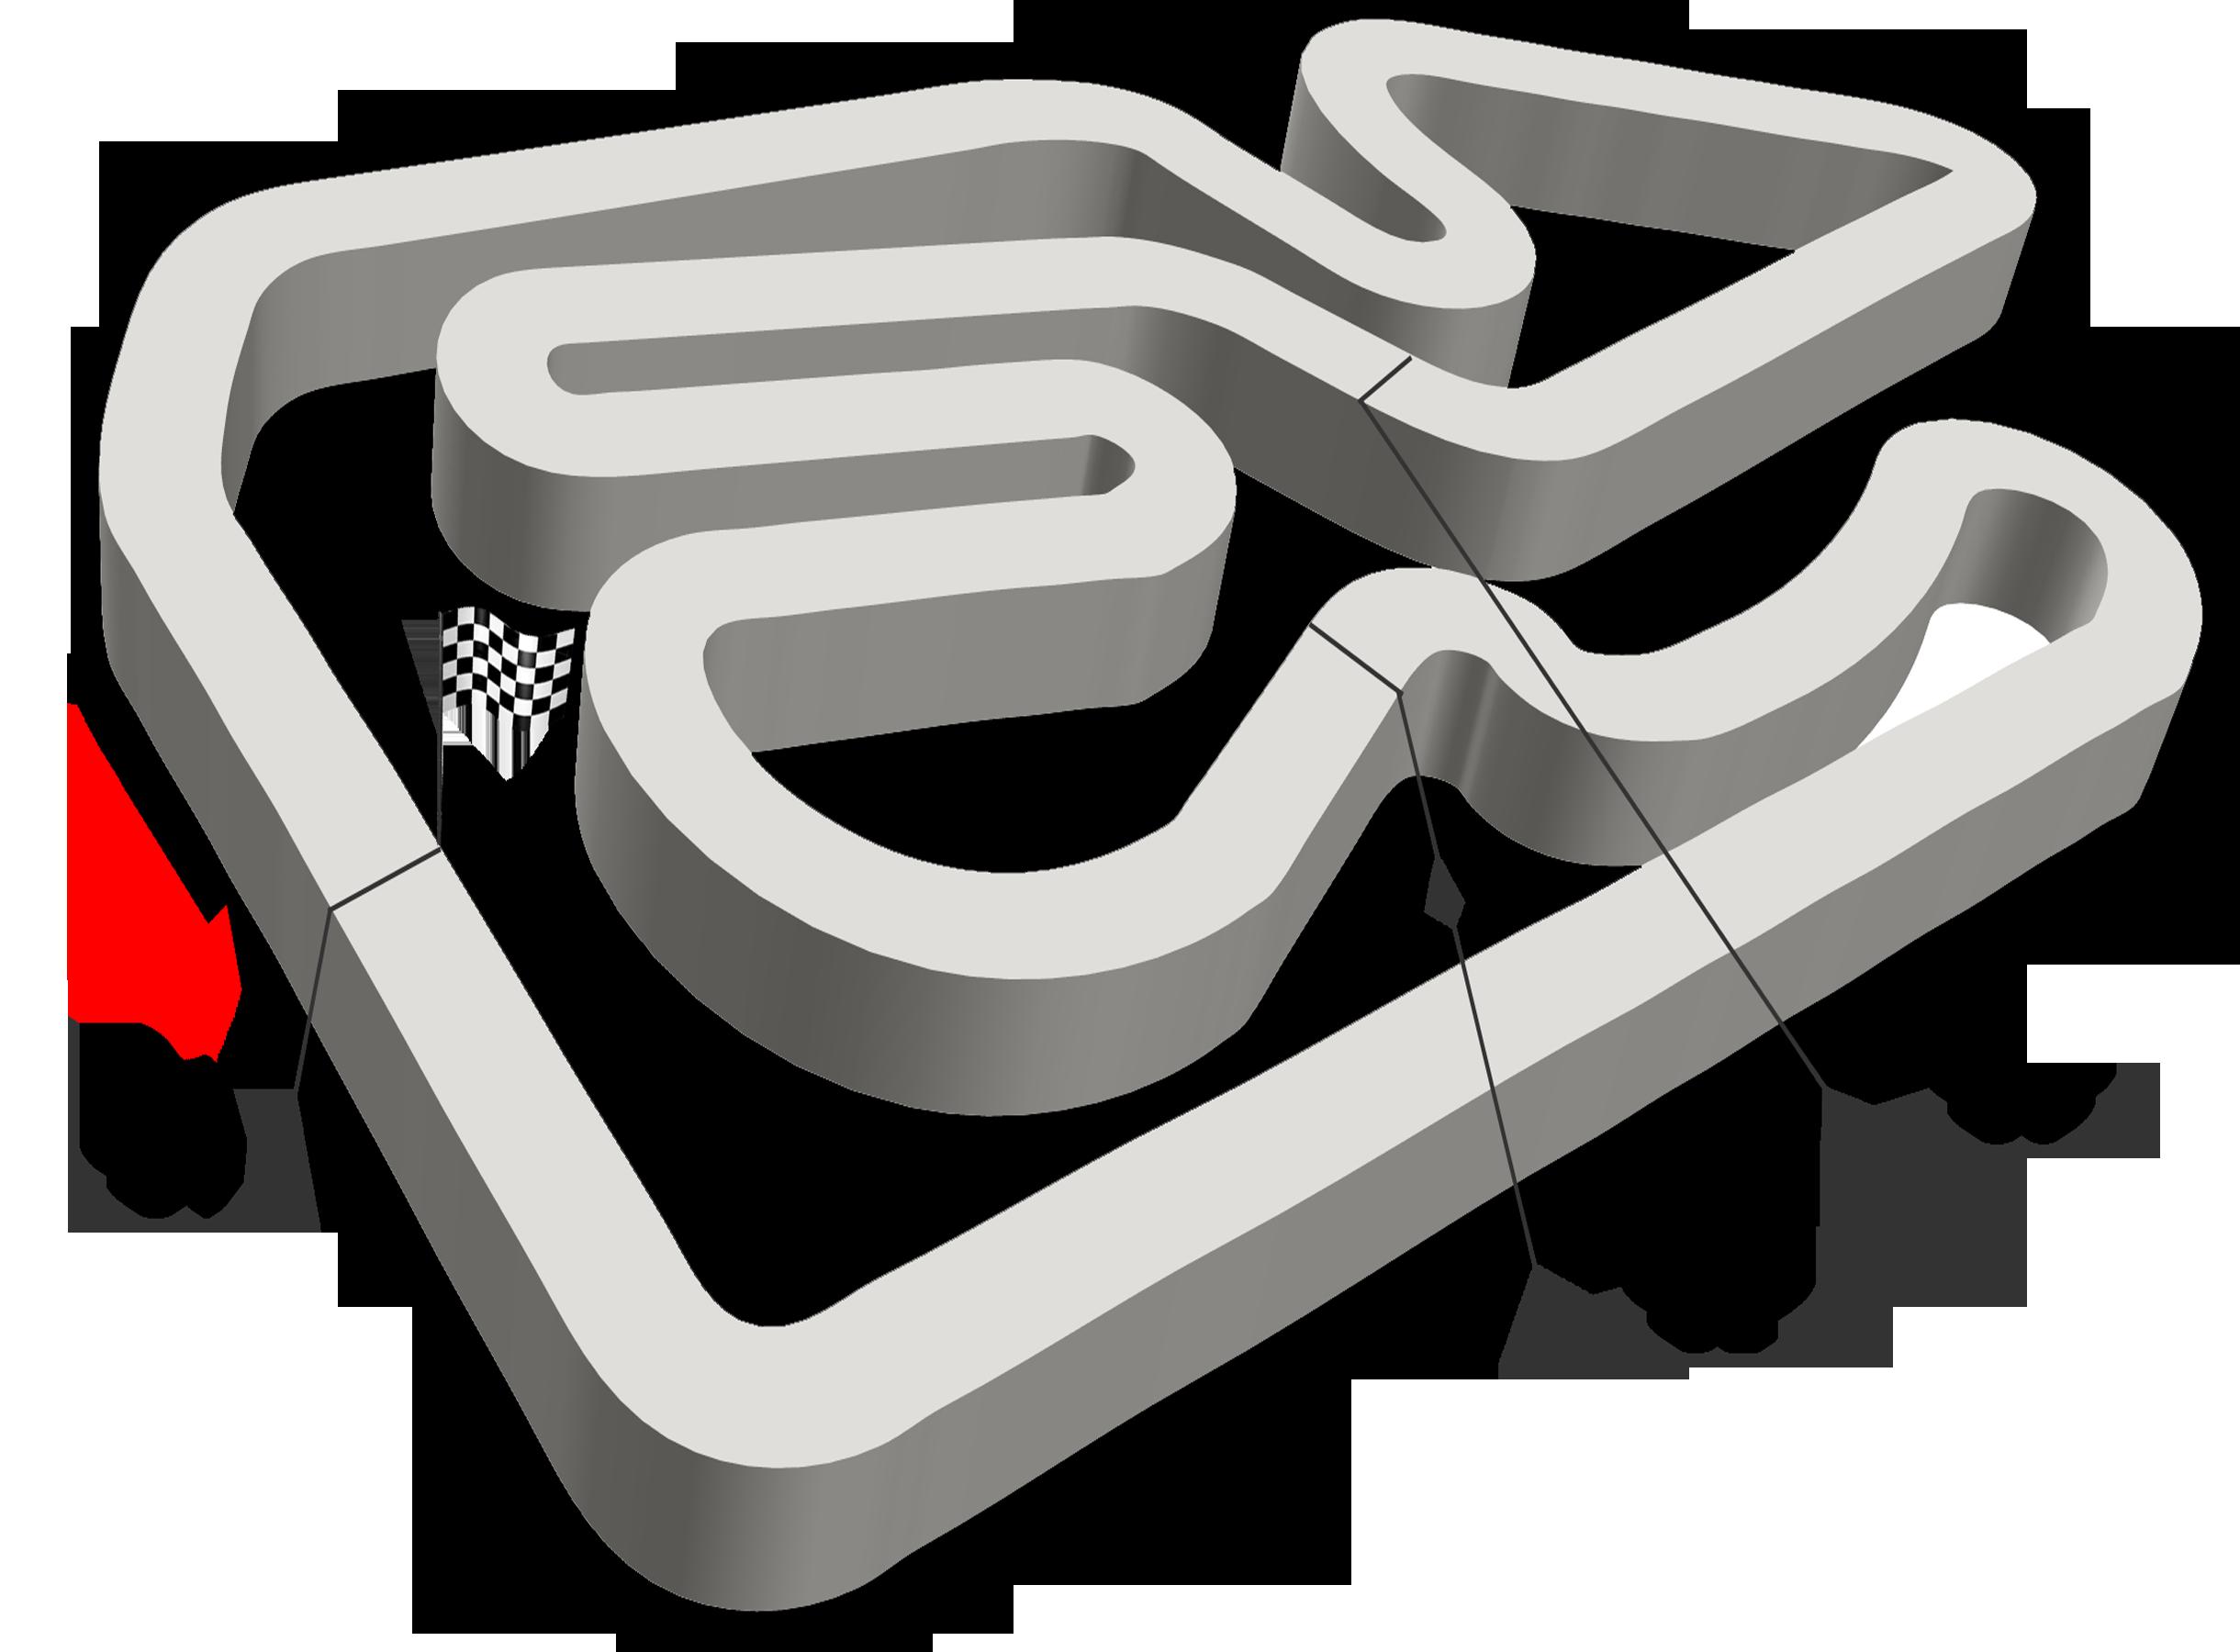 Kartarena Ypsilonka Cheb Karting Cee